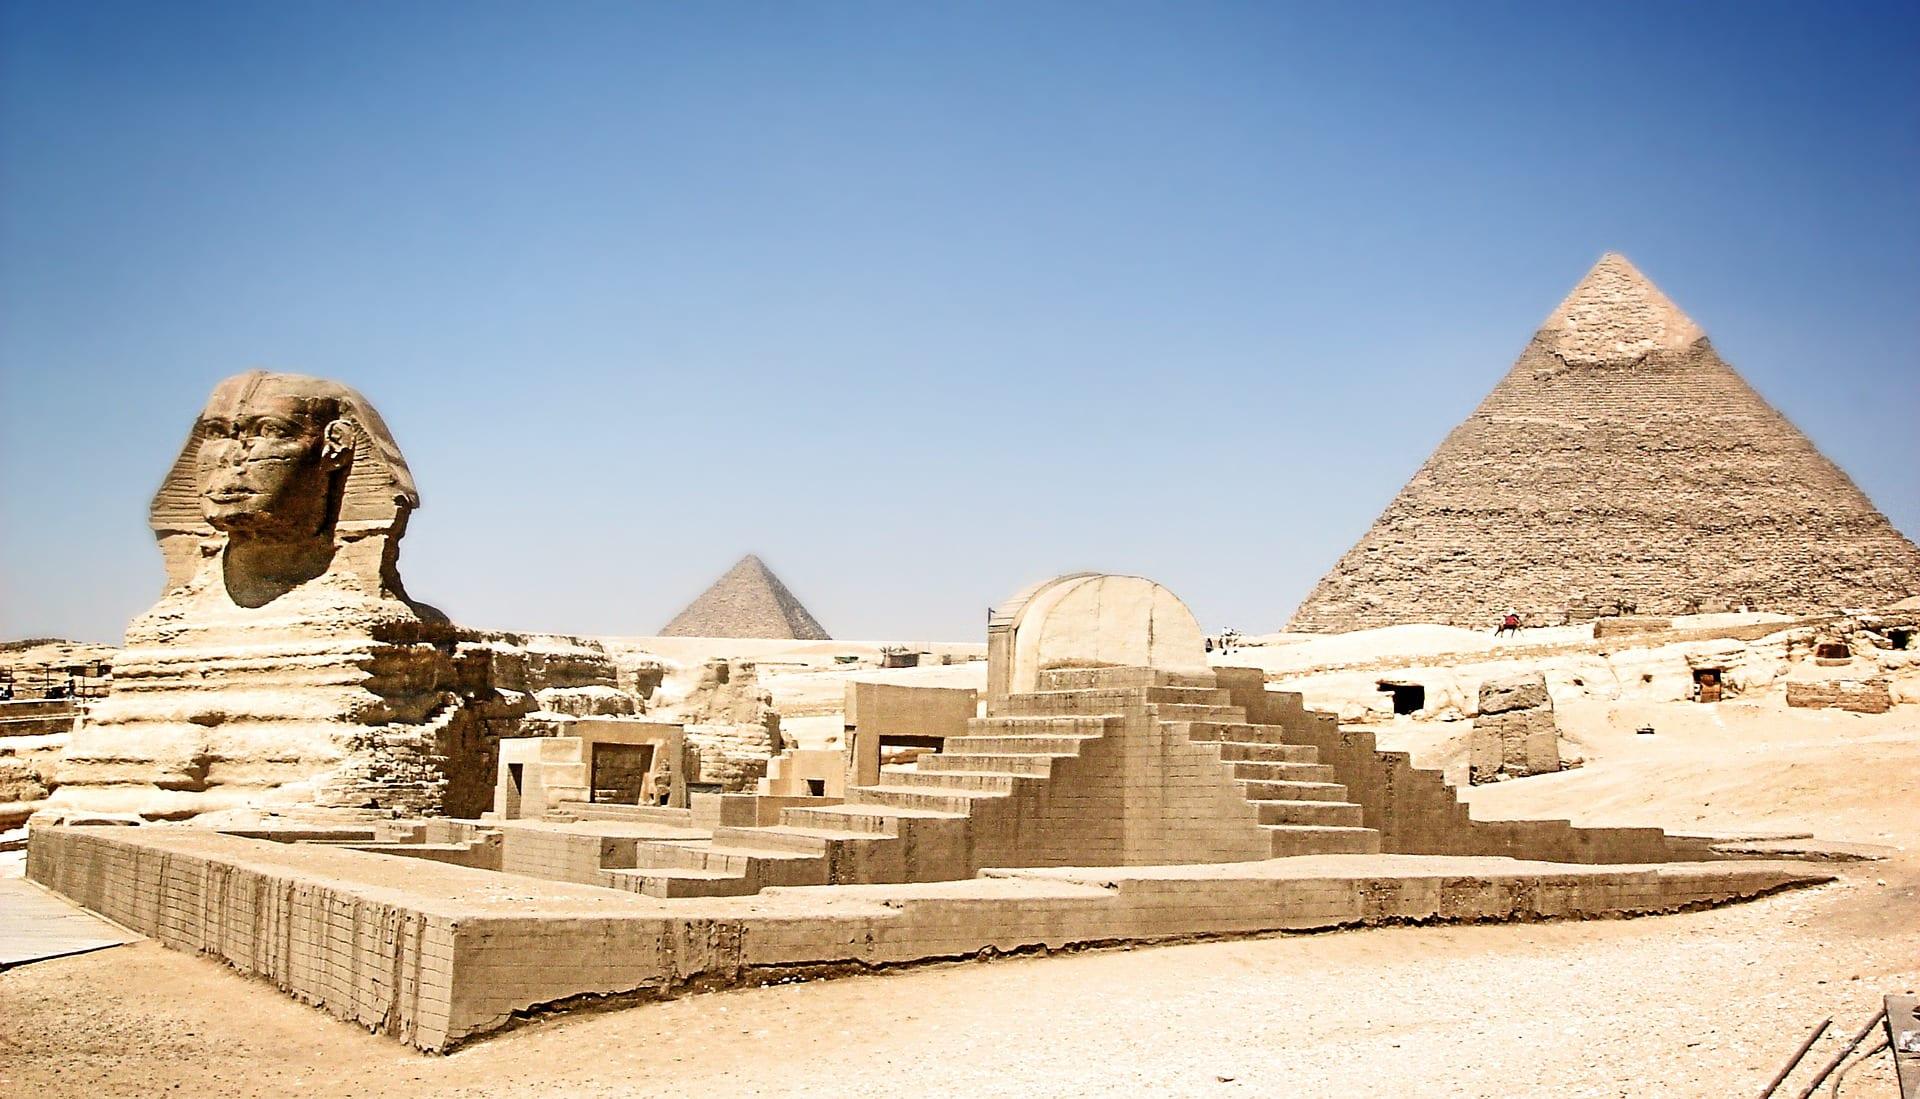 Geschiedenis van Egypte - Piramides